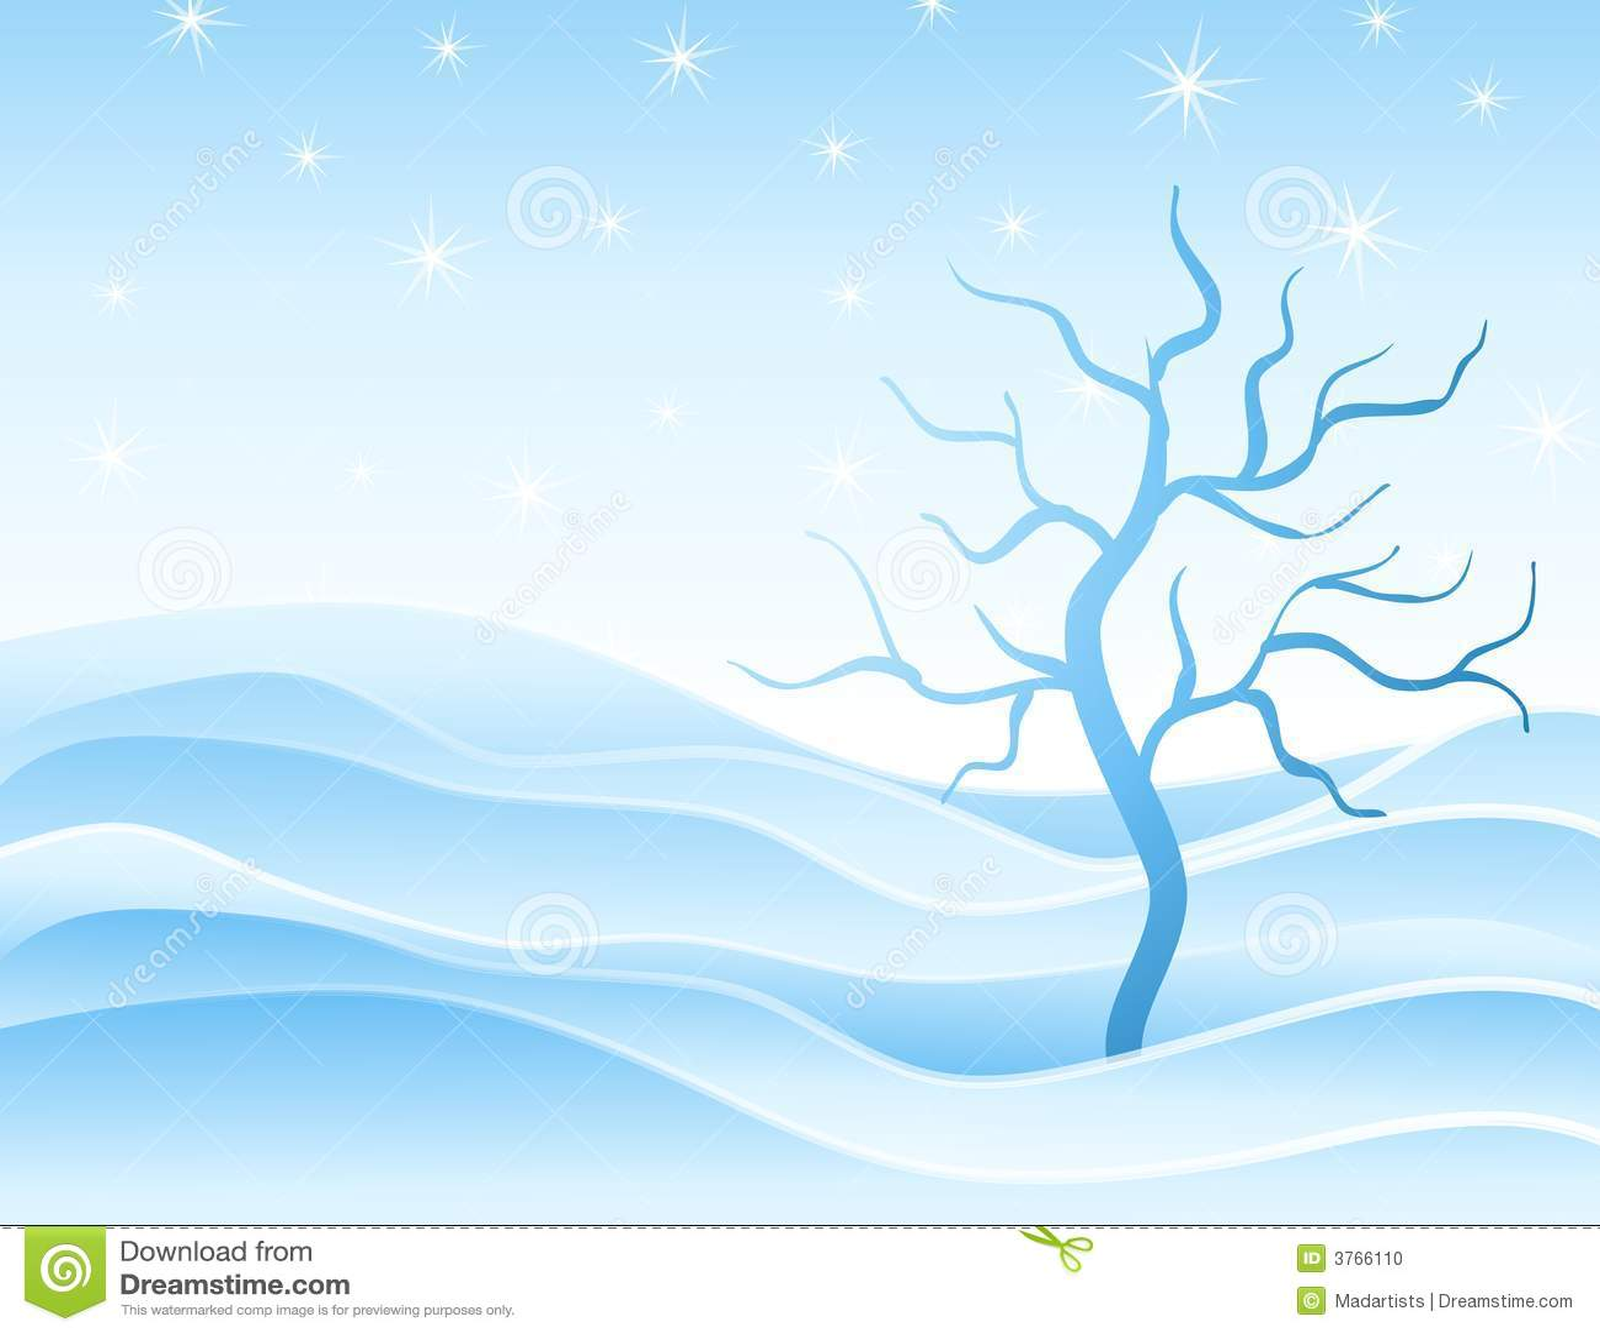 蓝色随风飘飞的雪结构树冬天